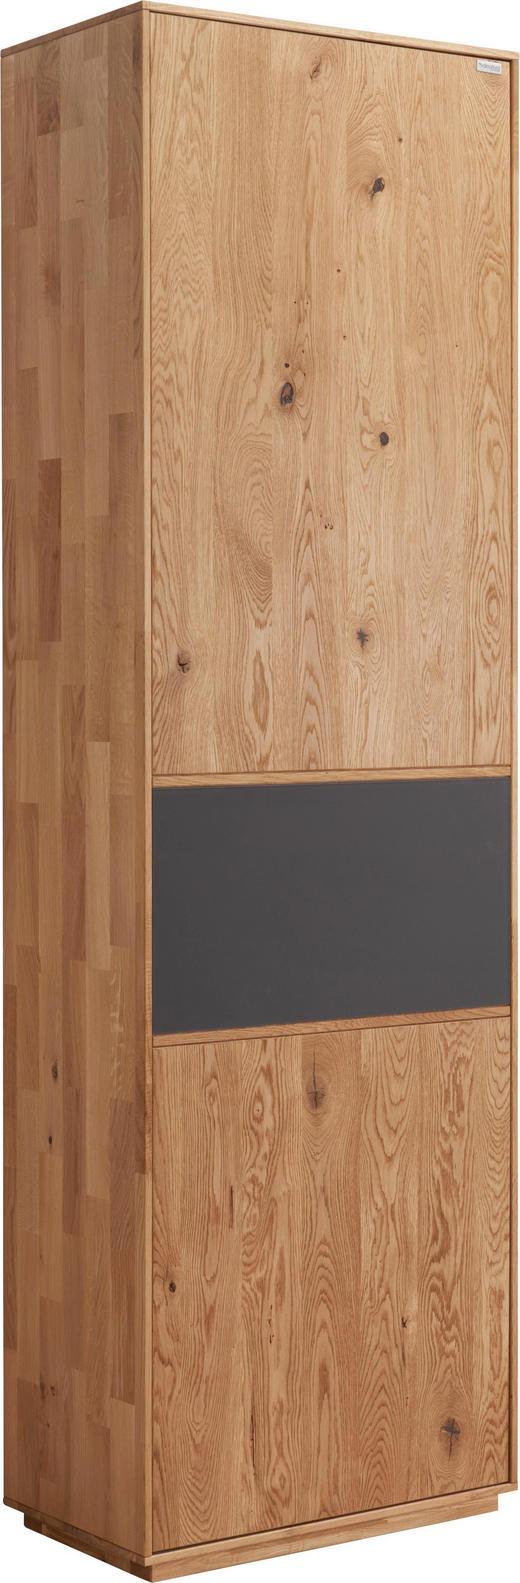 GARDEROBENSCHRANK Eiche massiv gebürstet Anthrazit, Eichefarben - Eichefarben/Anthrazit, Design, Glas/Holz (60/205/38cm) - Valnatura